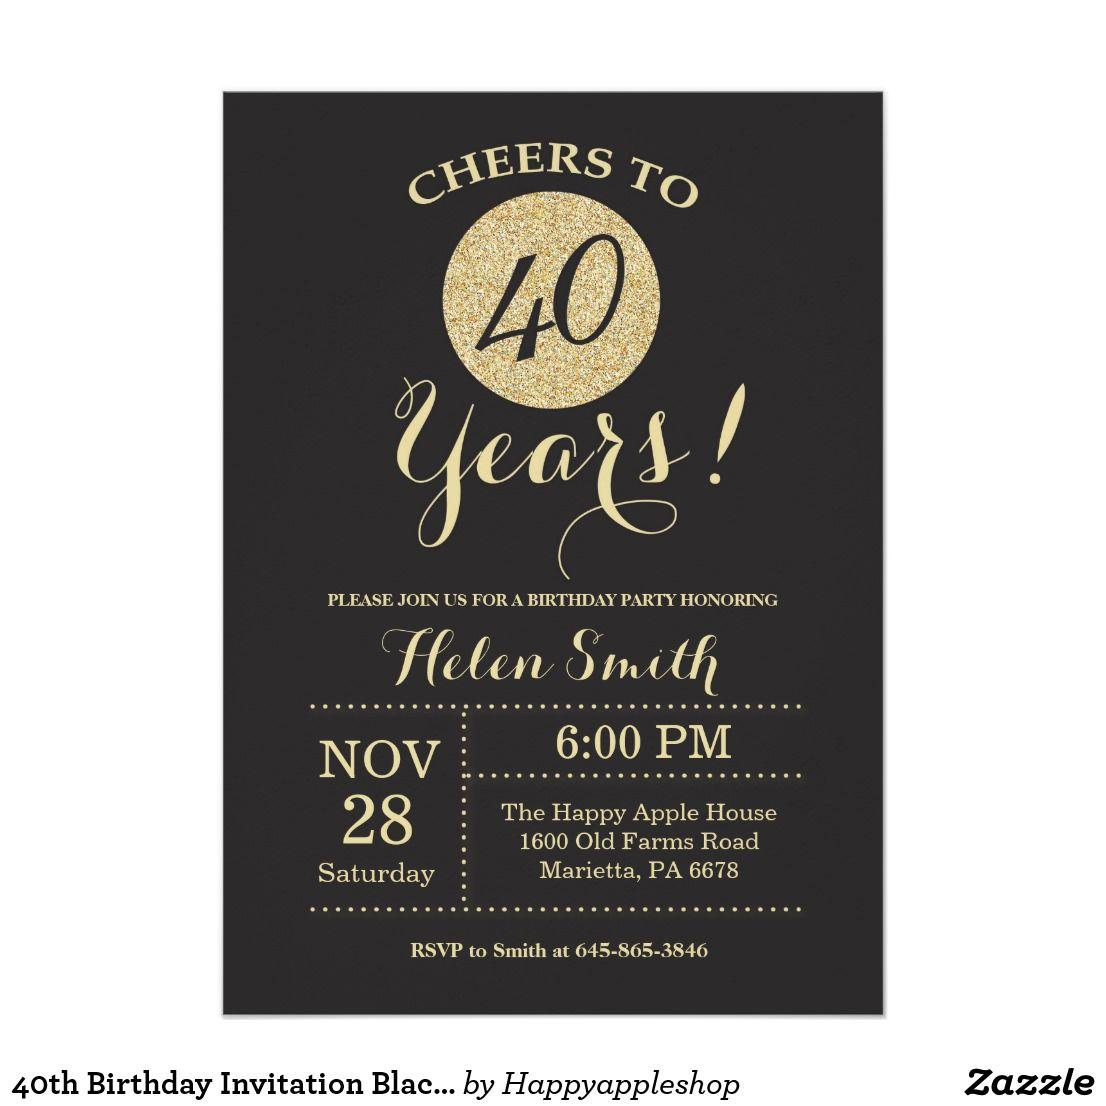 40th Birthday Invitation Black and Gold Glitter Zazzle